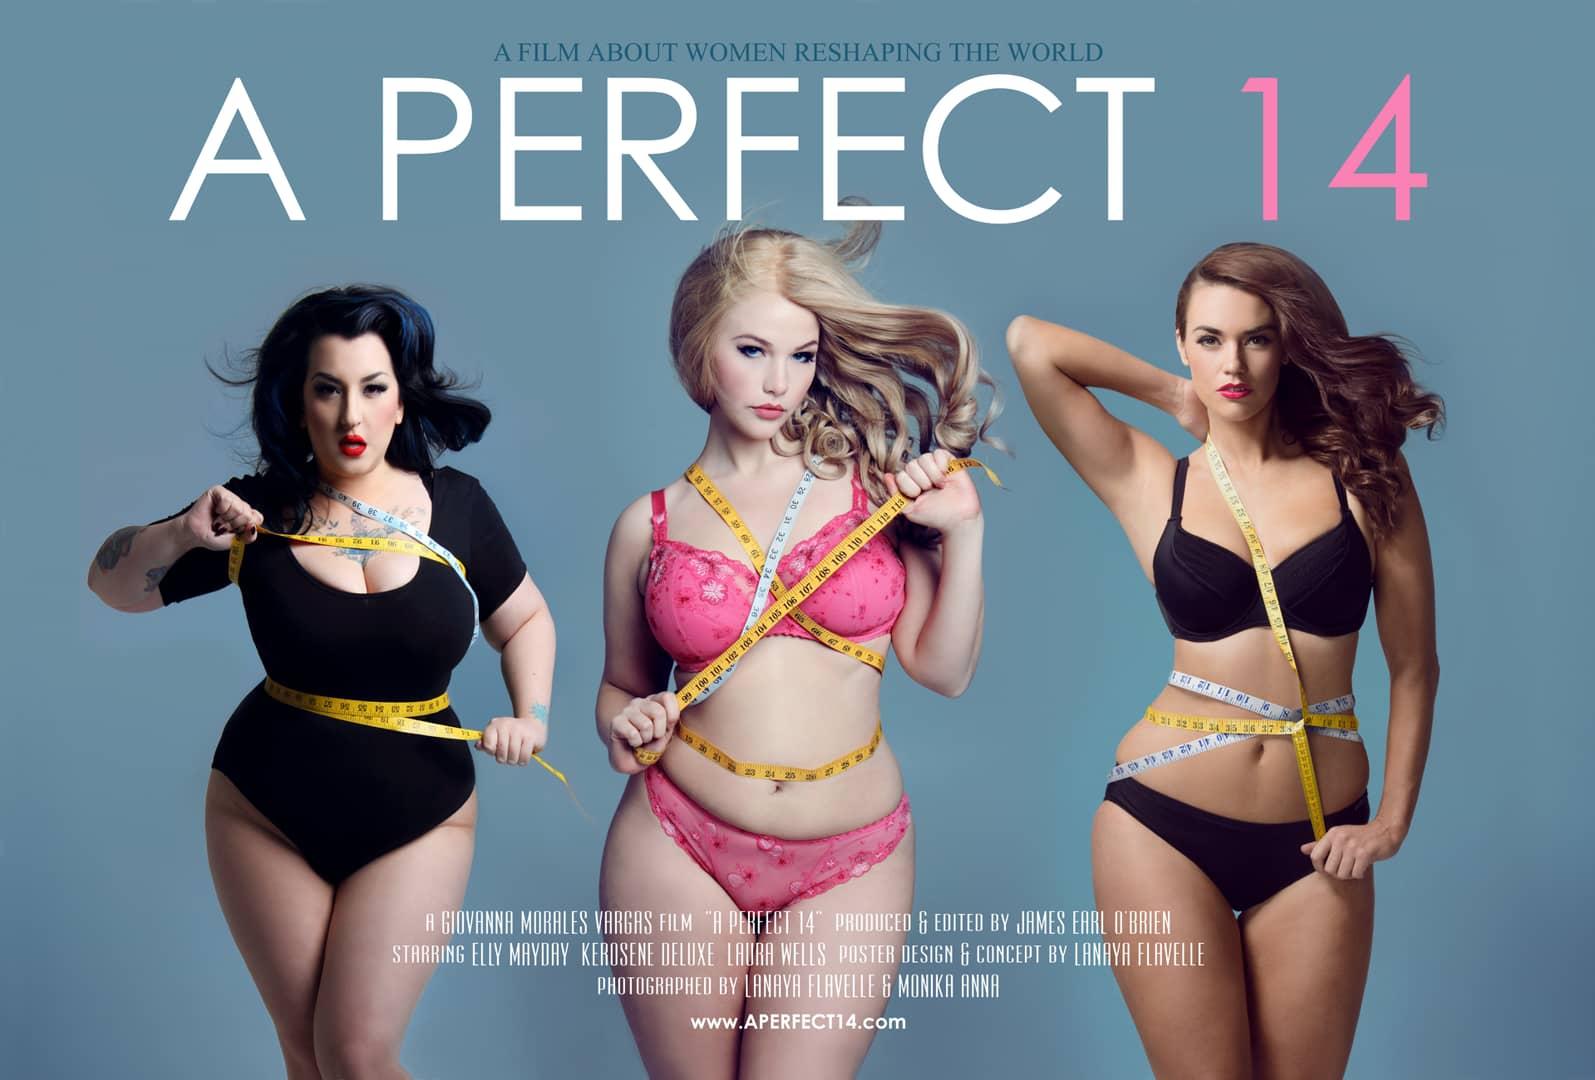 """Plakat reklamujący film """"The Perfect 14"""". Od lewej modelki: Kerosene Deluxe, Elly Mayday oraz Laura Wells. W filmie wypowiadają się także m. in. blogerki XL, fotografowie, redaktorzy magazynów modowych, psycholodzy, którzy obnażają dyskryminujące wzorce funkcjonowania branży fashion I społeczeństwa wobec kobiet w większych rozmiarach. premiera filmu zapowiadana jest na wiosnę 2015 roku."""